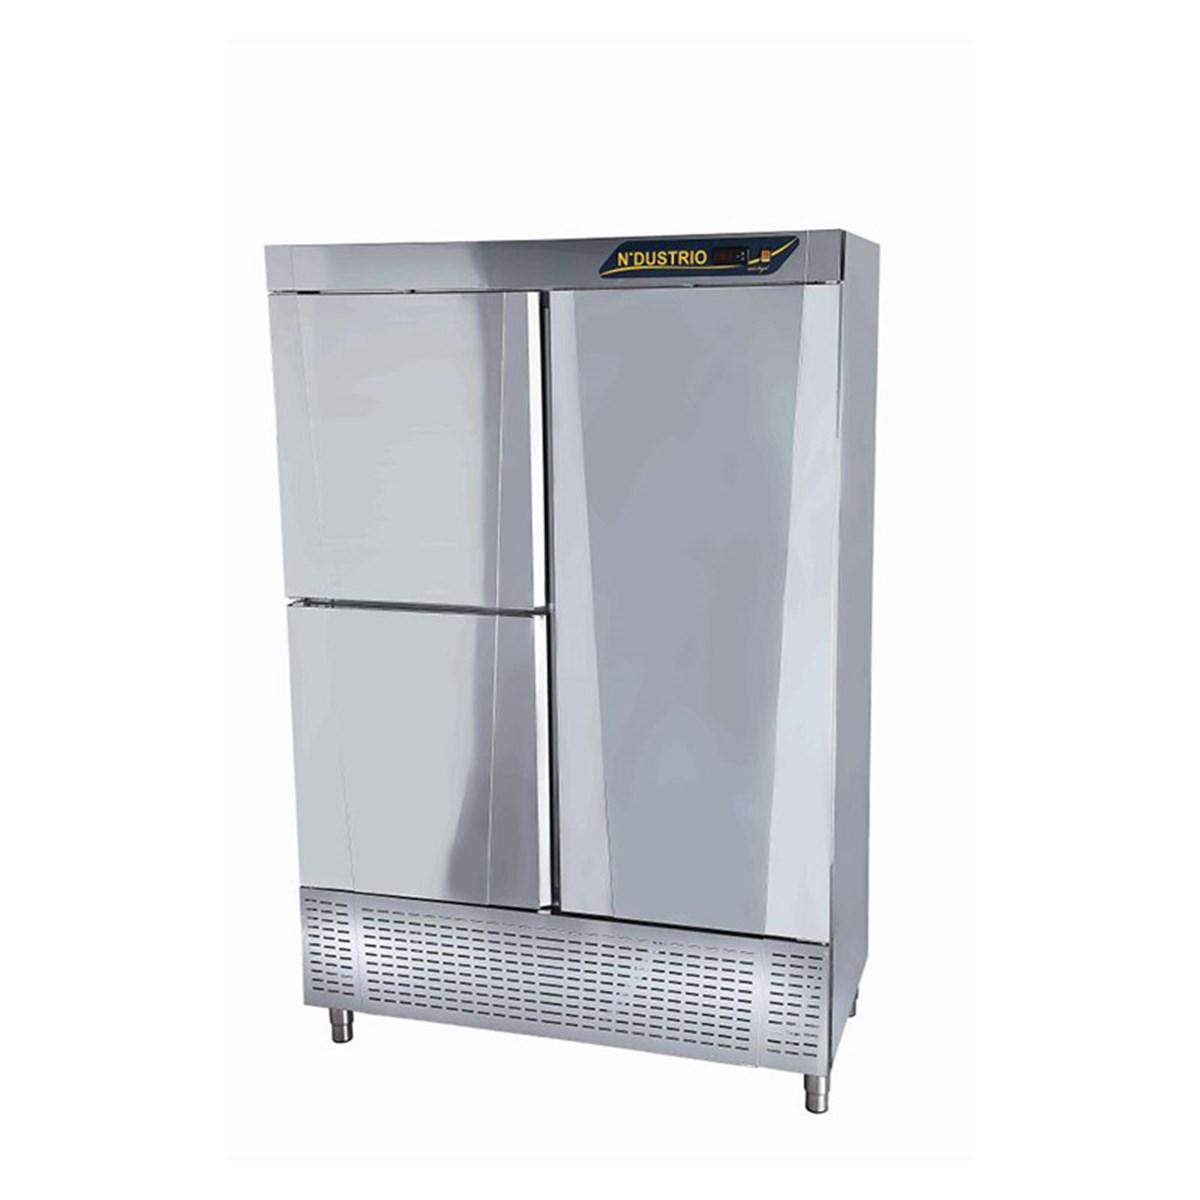 Gtech CPS-203 Basic Seri Dik Tip Buzdolabı 1 Tam,2 Yarım Kapı